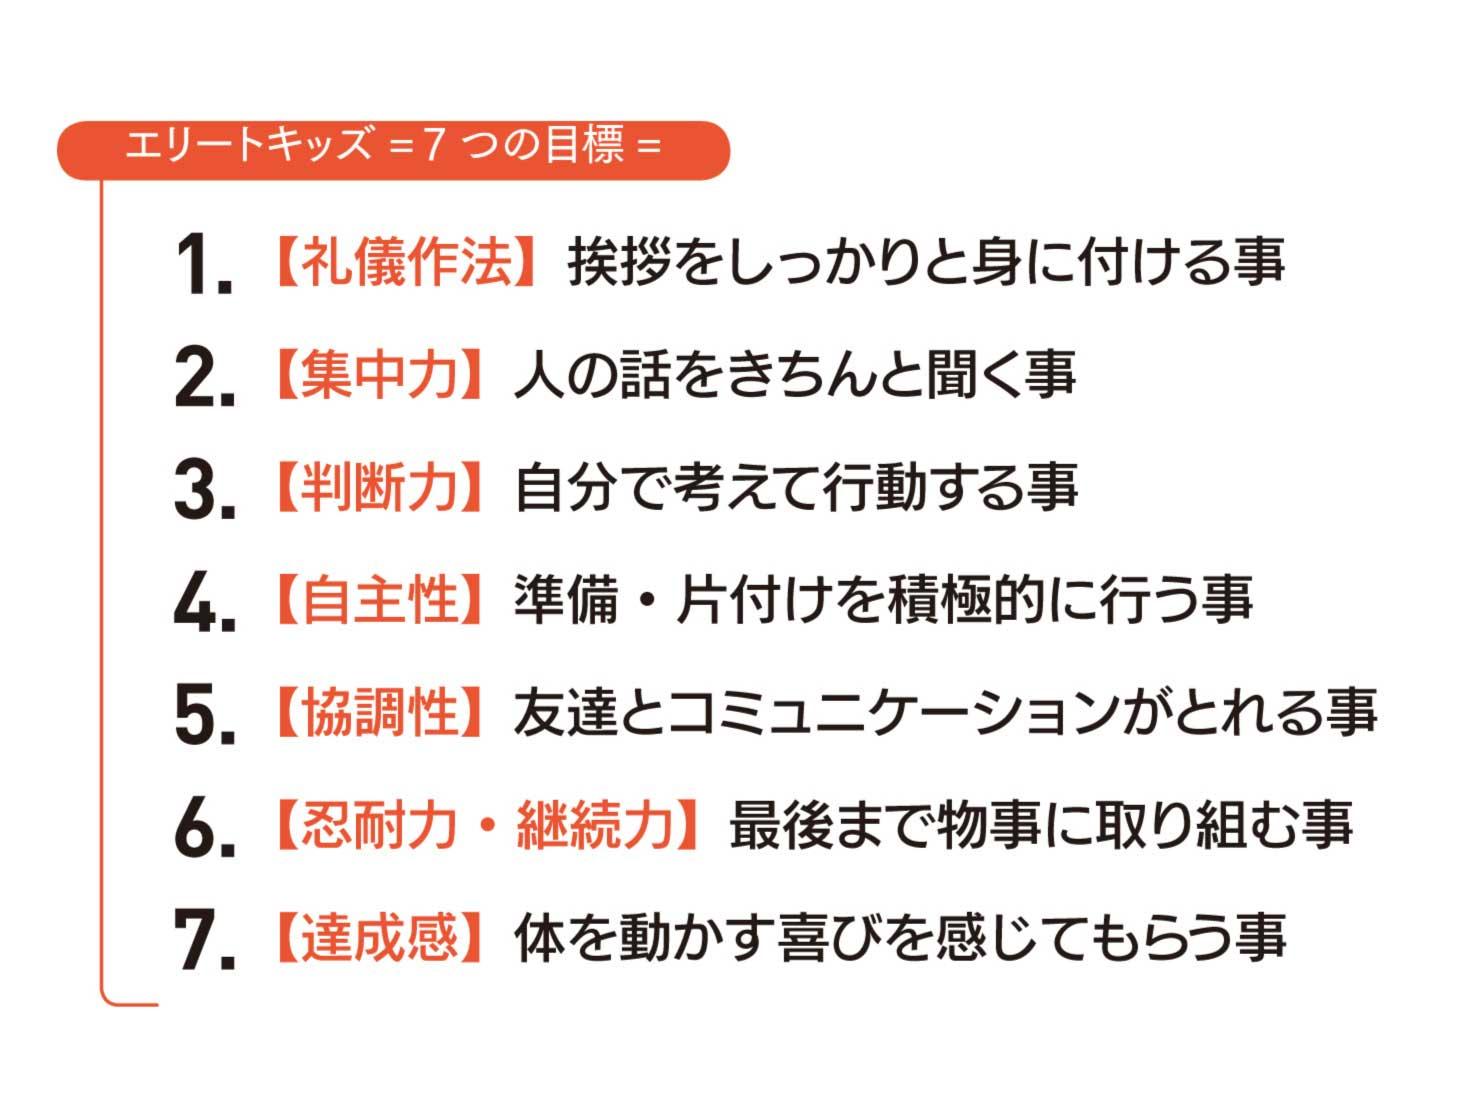 7つの目標